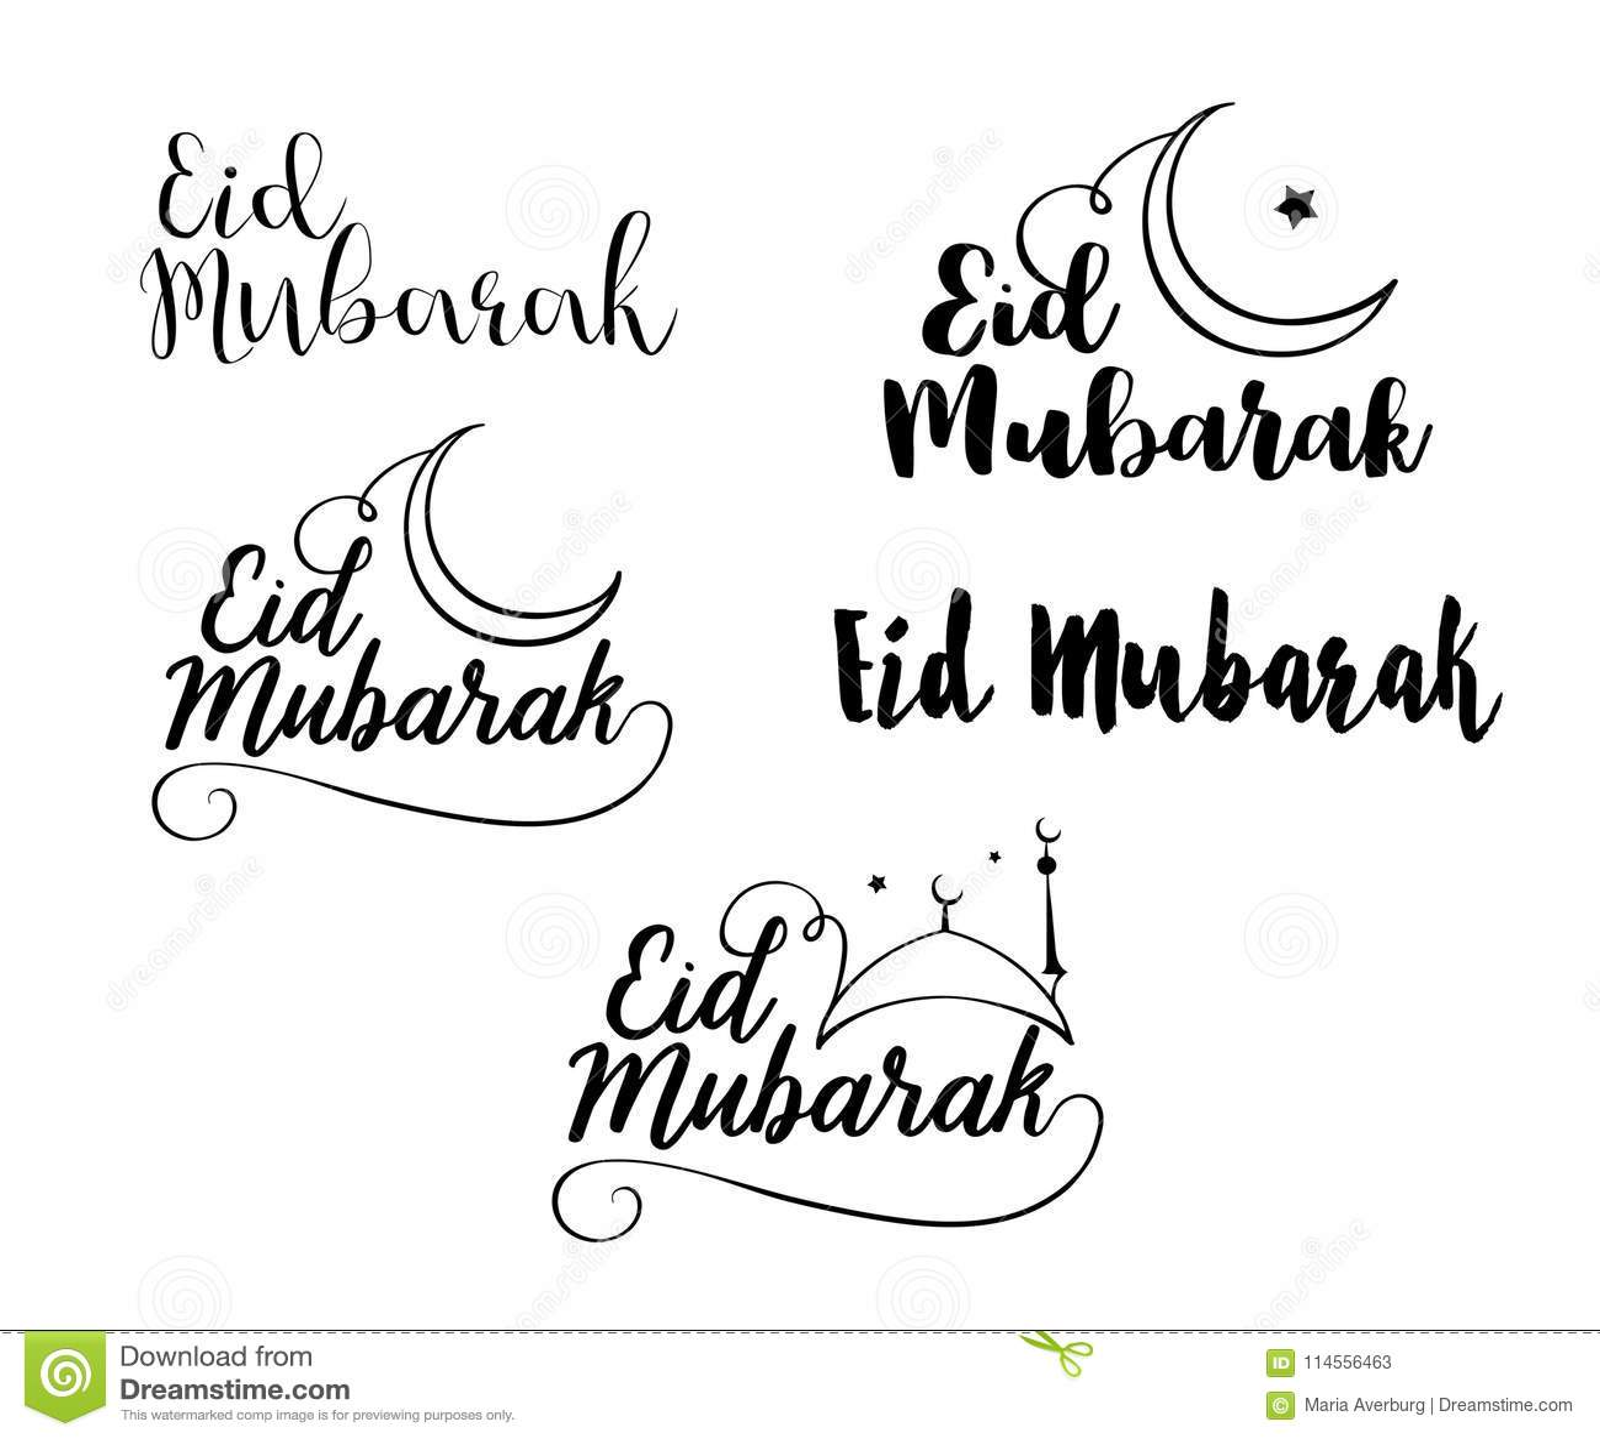 Eid Mubarak Handwritten Lettering Set. Vector Calligraphy With